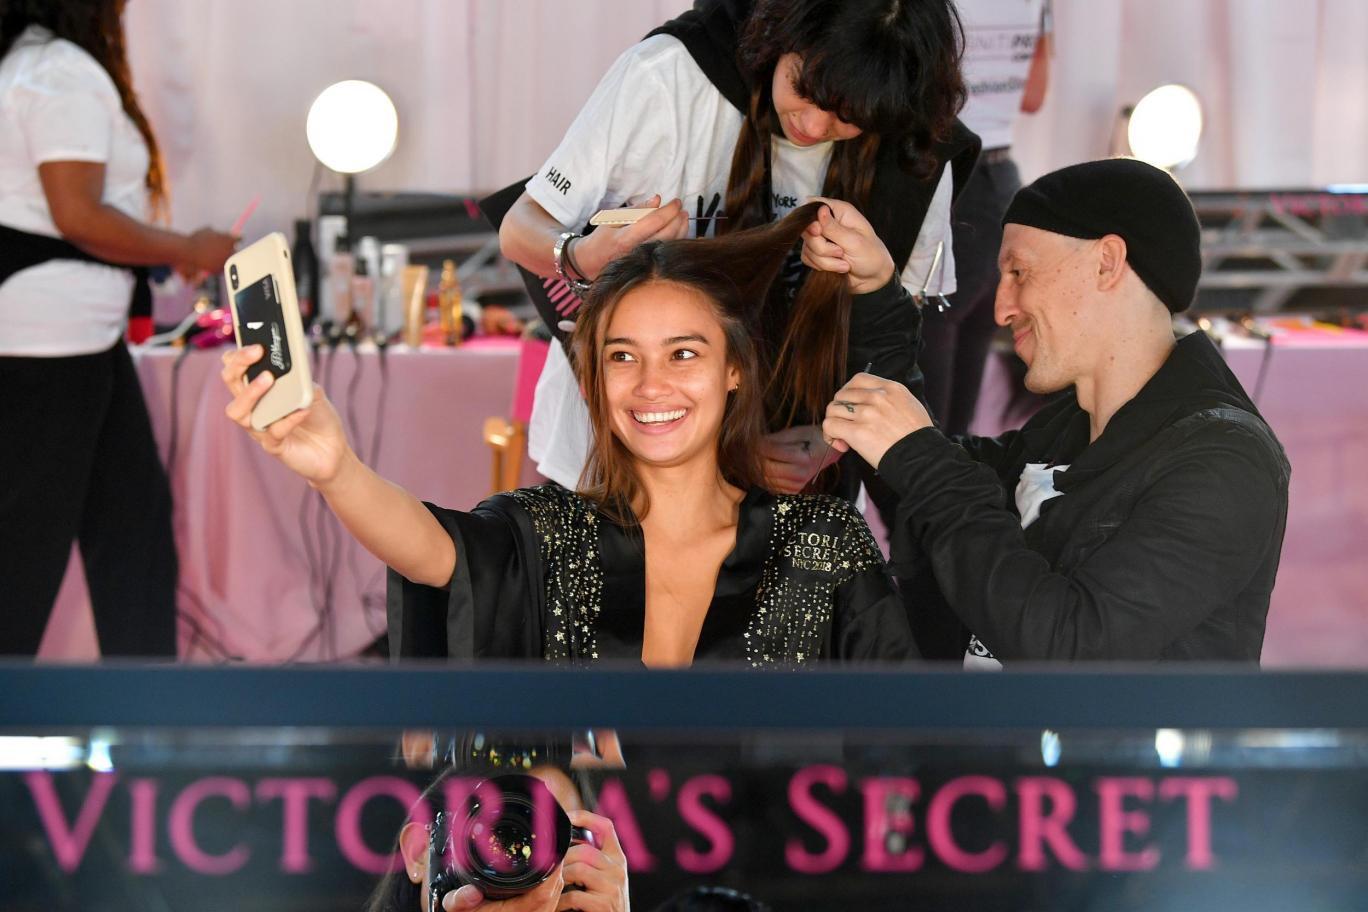 Hàng ngày mơ ước được như Gigi Hadid, 1 năm sau cô gái này đã trở thành chân dài Philippines đầu tiên trong show Victorias Secret-4